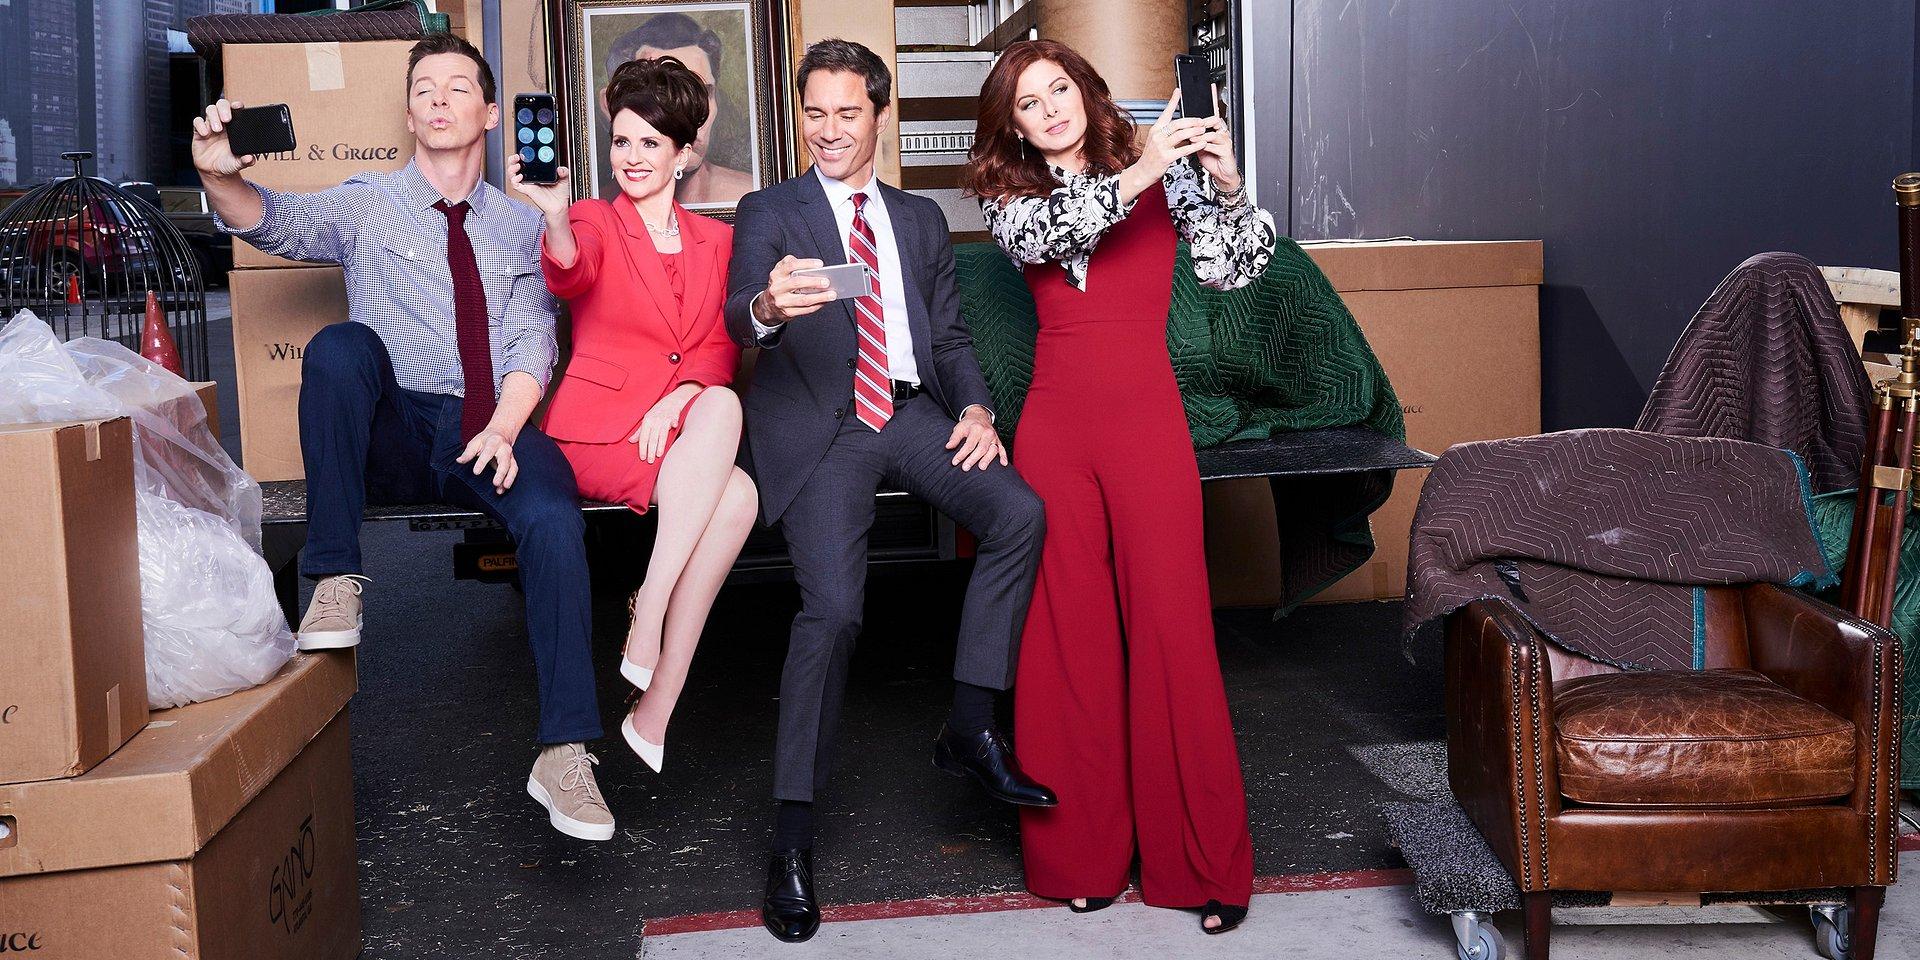 Wielki powrót serialu Will i Grace! Produkcja zagości na FOX Comedy już 15 grudnia o godz. 20:05!